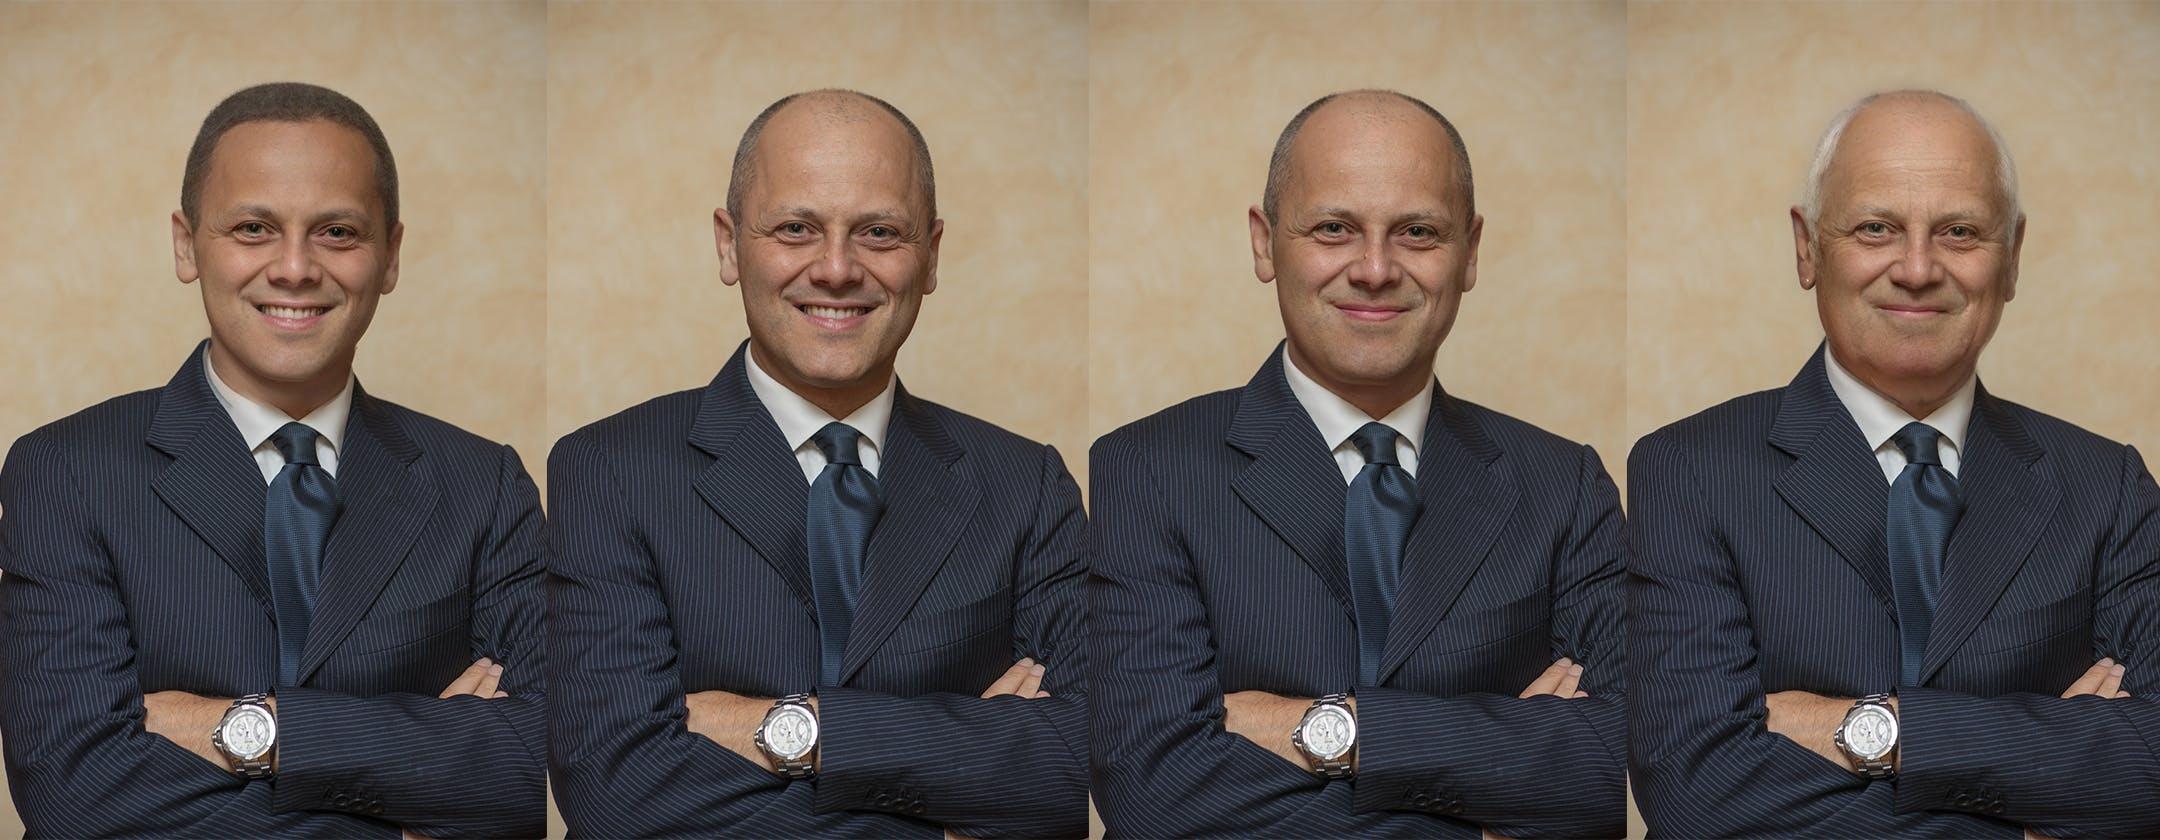 Photoshop e l'intelligenza artificiale: ecco come i nuovi filtri neurali cambiano una faccia con un clic